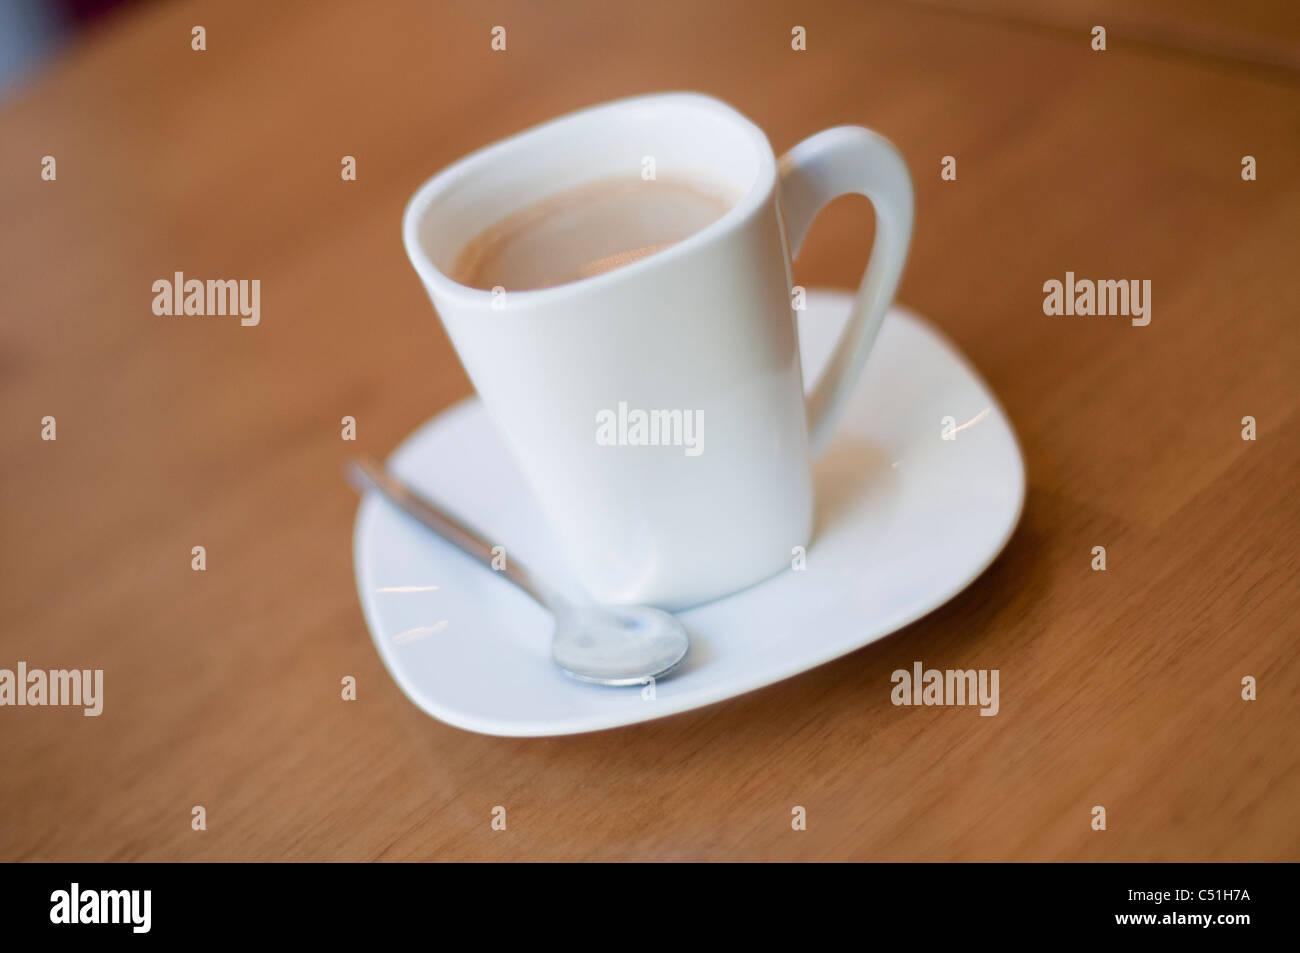 Eine frische Tasse Kaffee mit einem Teelöffel aus einem unabhängigen Cafe. Stockbild